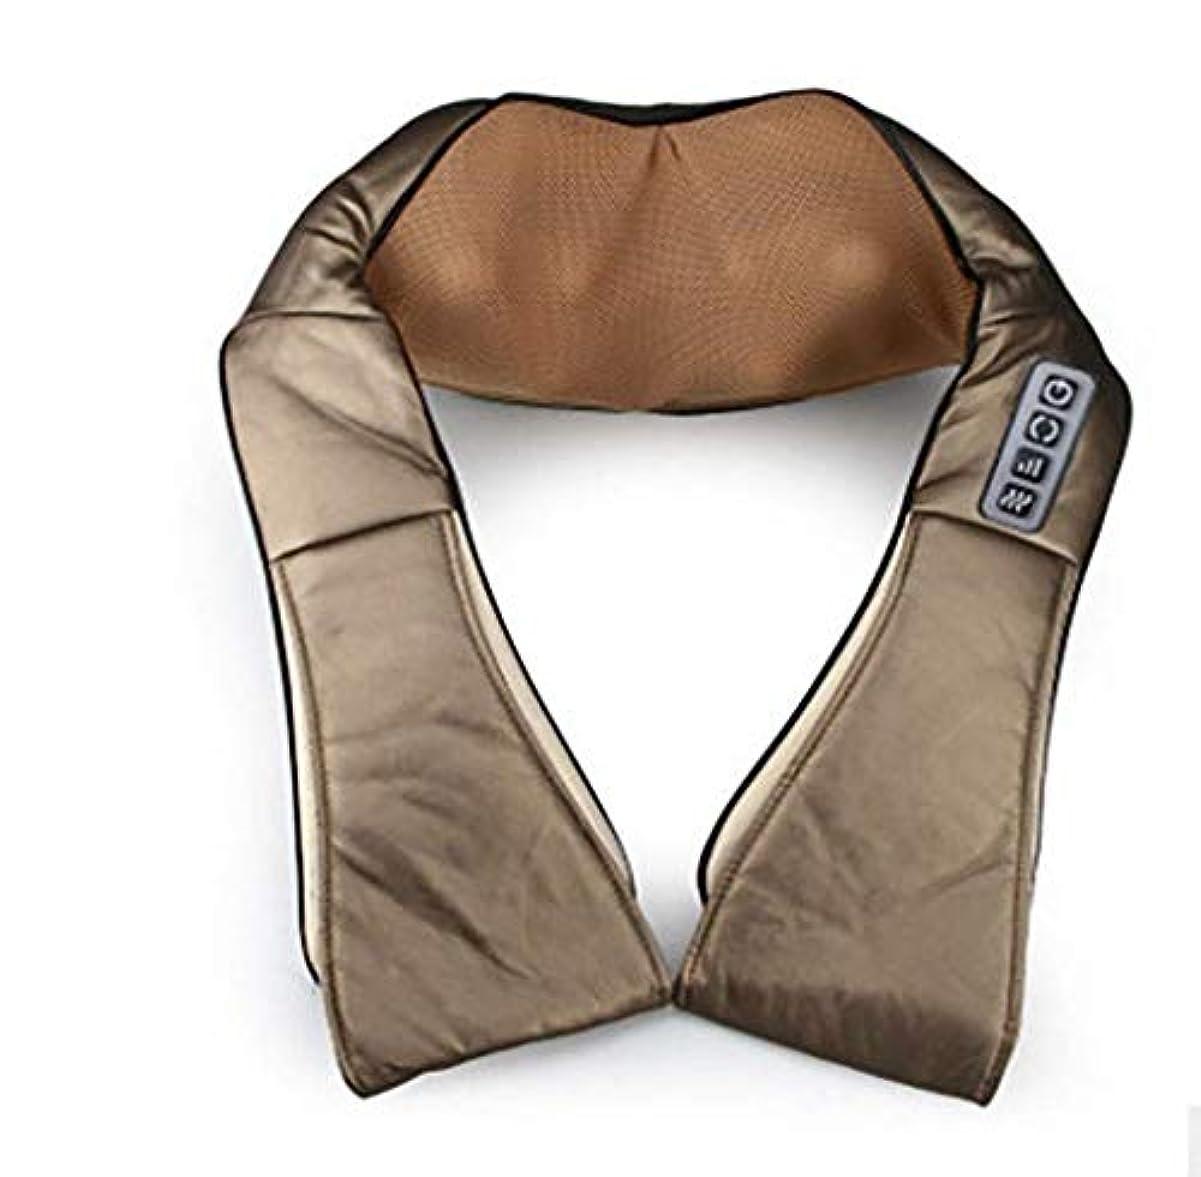 隔離テセウス適性ネックマッサージャー、子宮頸マッサージ、U字型/赤外線/スマート/ 4Dフィンガープレス/混練マッサージ、首の筋肉をリラックスには、痛みを和らげます (Color : Brown, Size : 4keys)